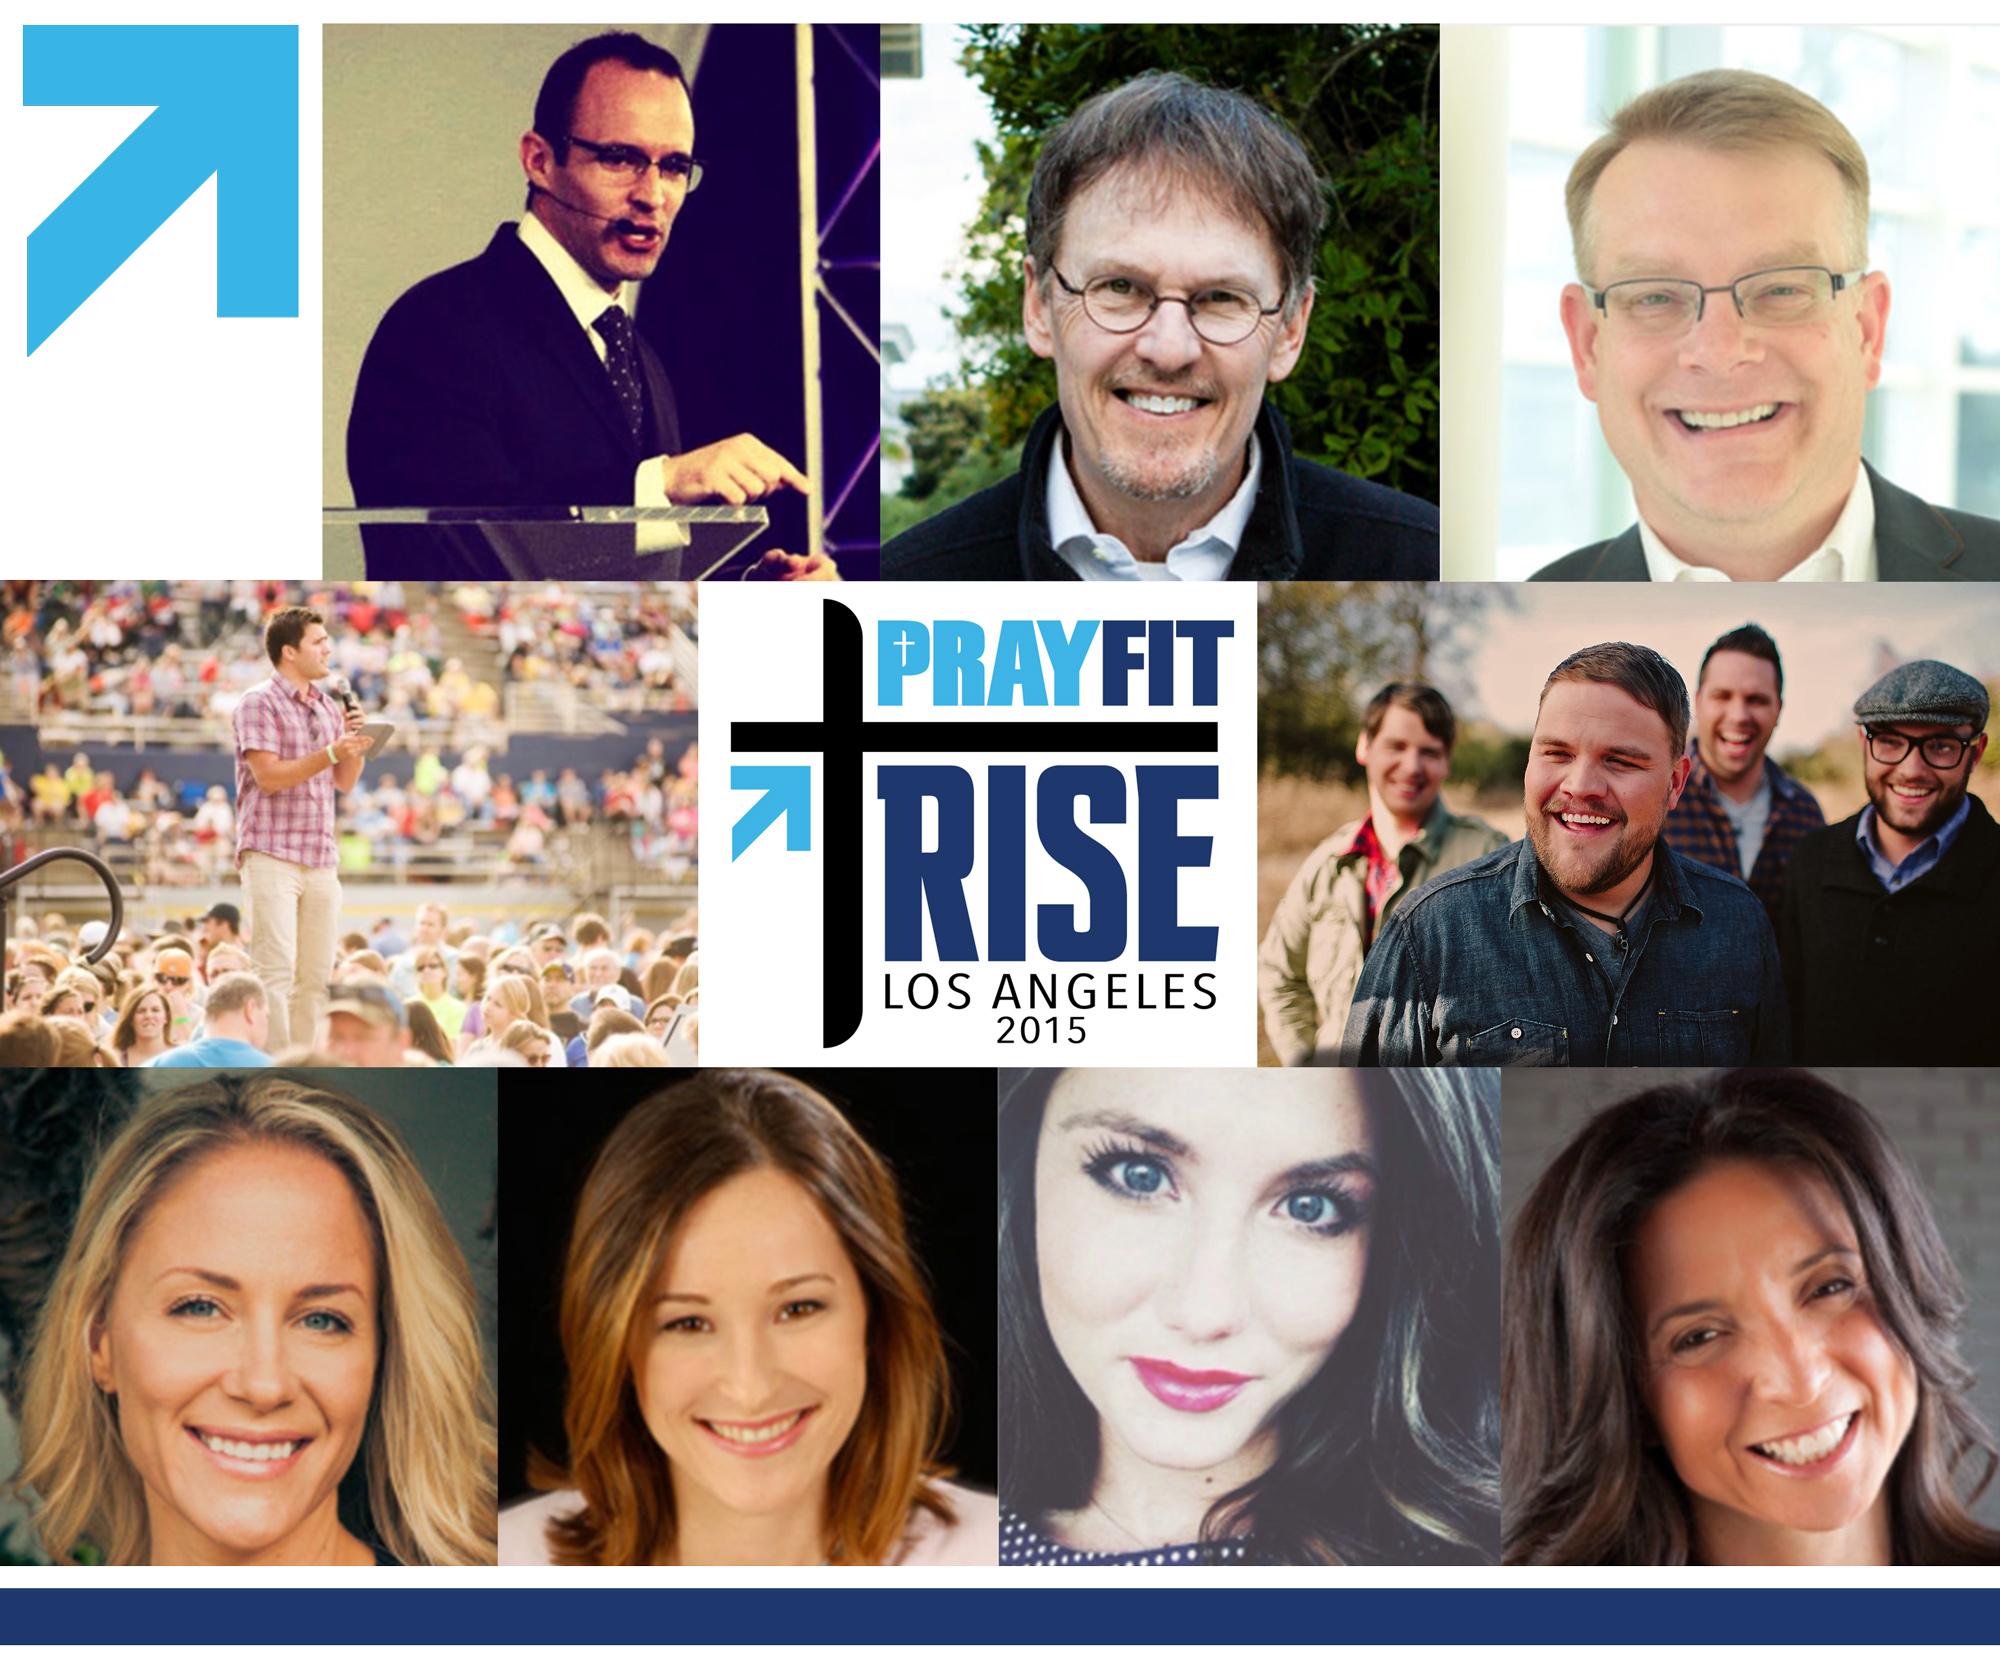 PRAYFIT-RISE-SPEAKERS